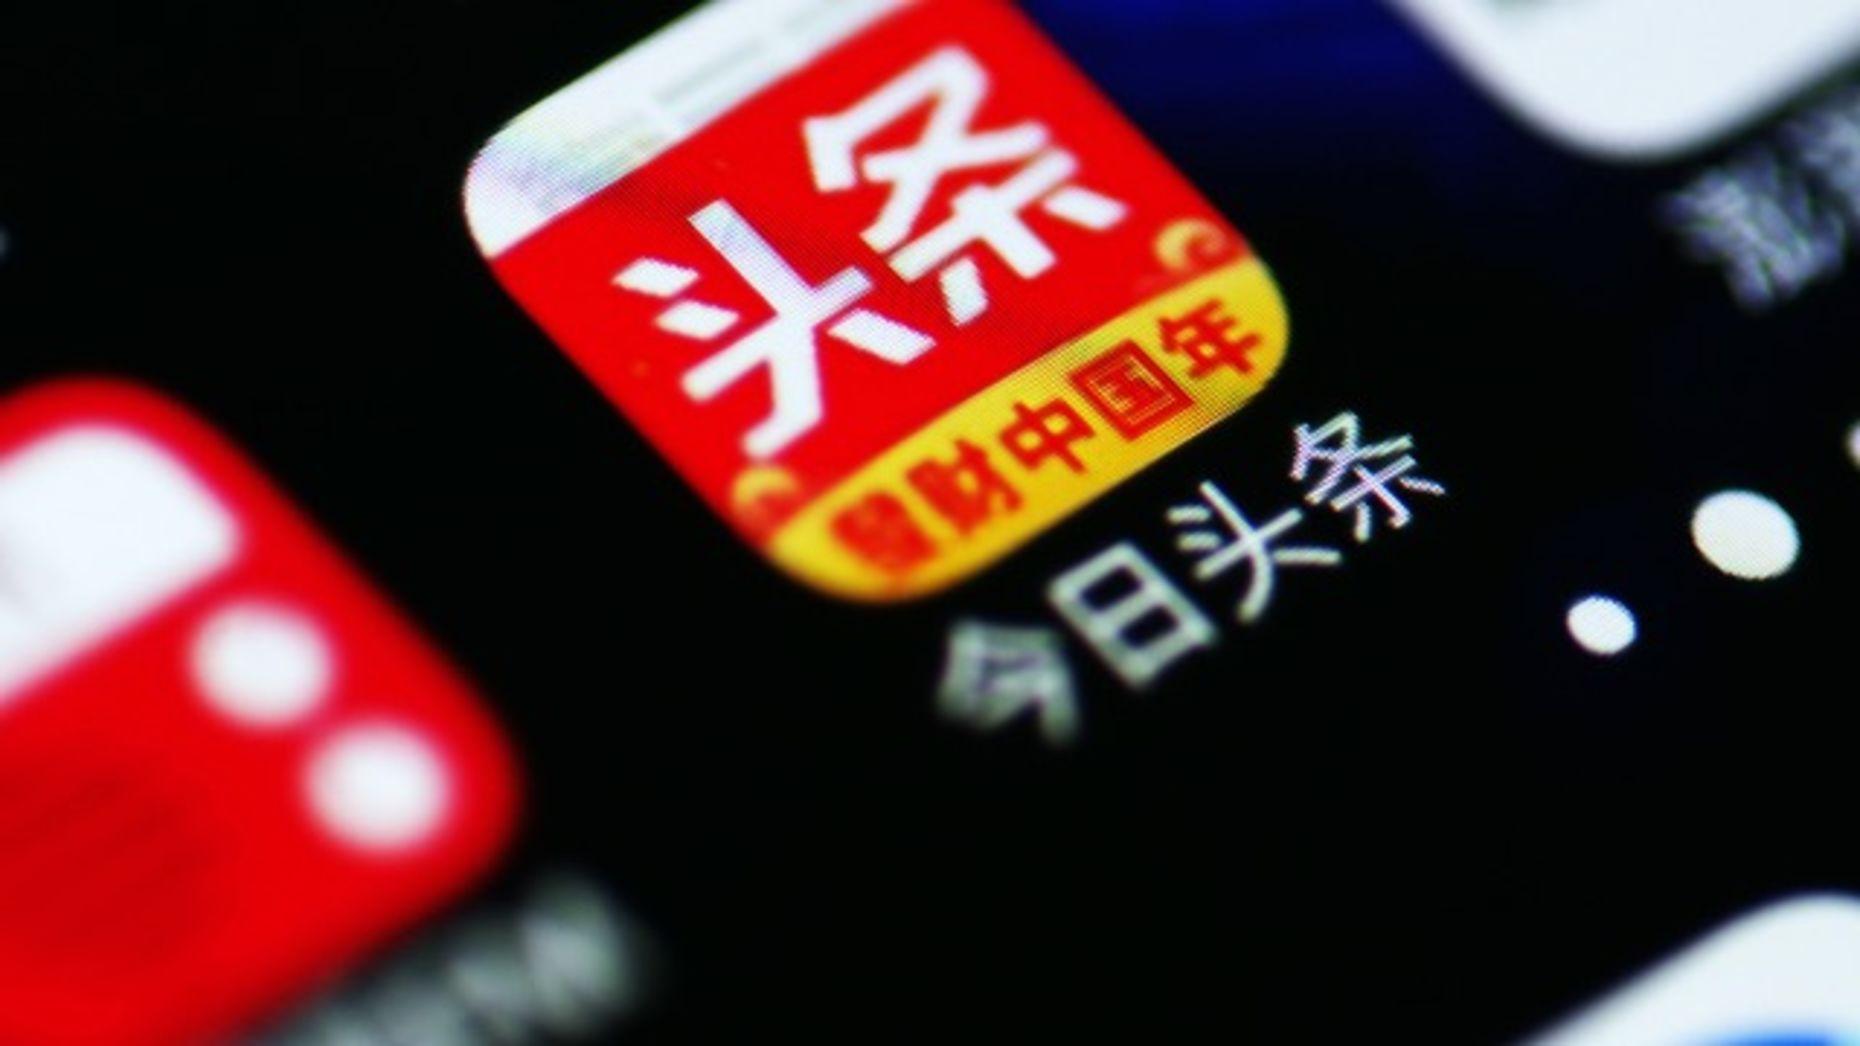 The Toutiao app icon. Photo: Imaginechina via AP